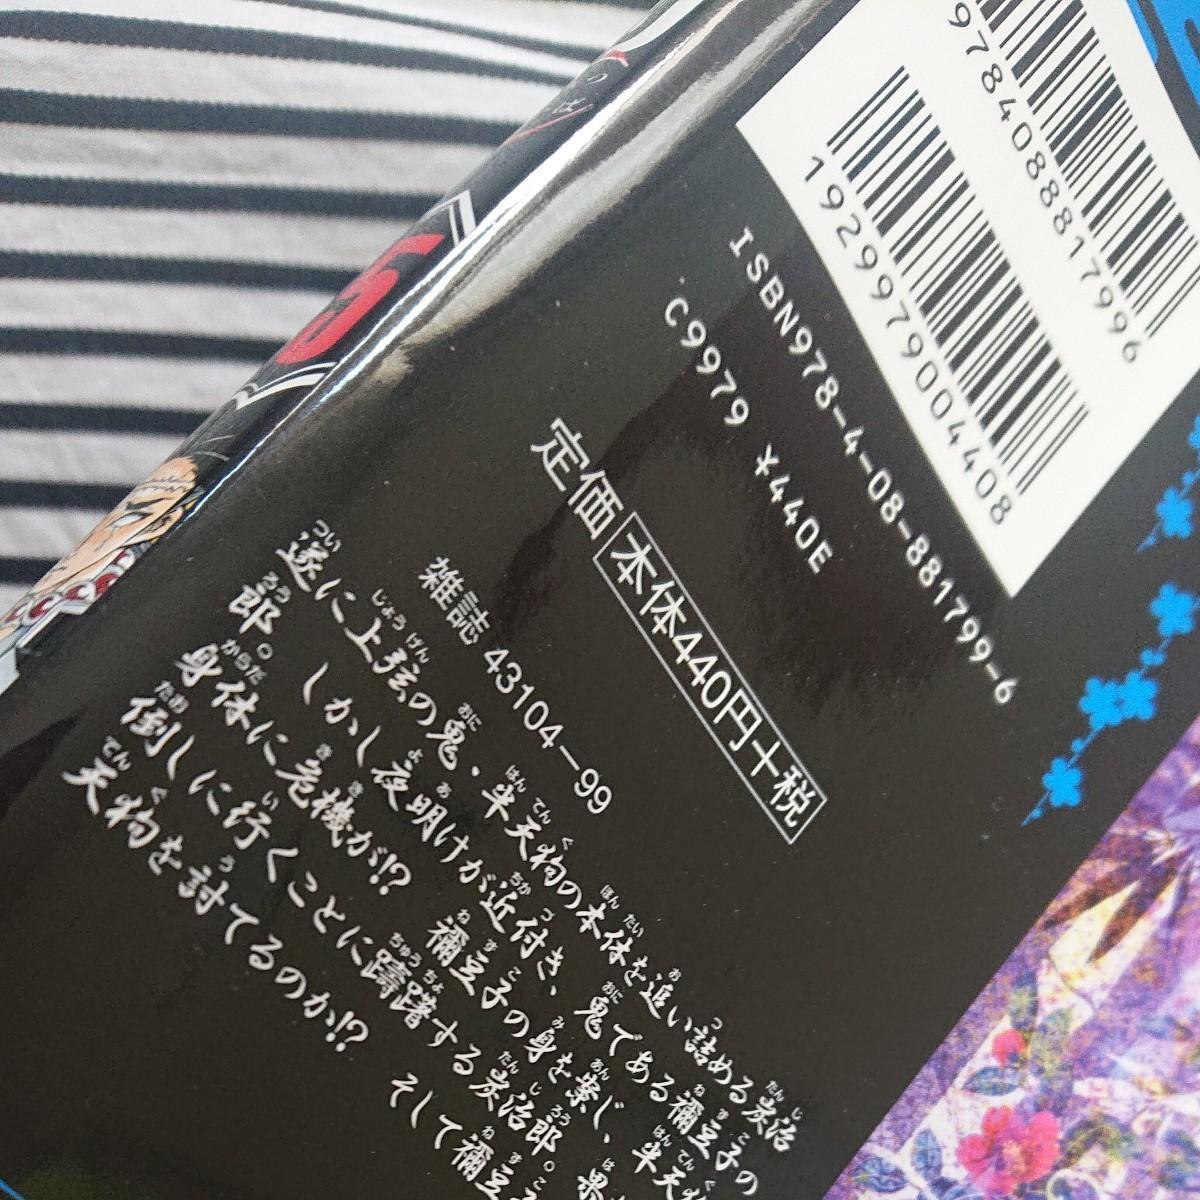 鬼滅の刃 7巻~23巻  無限列車DVD完全生産限定版